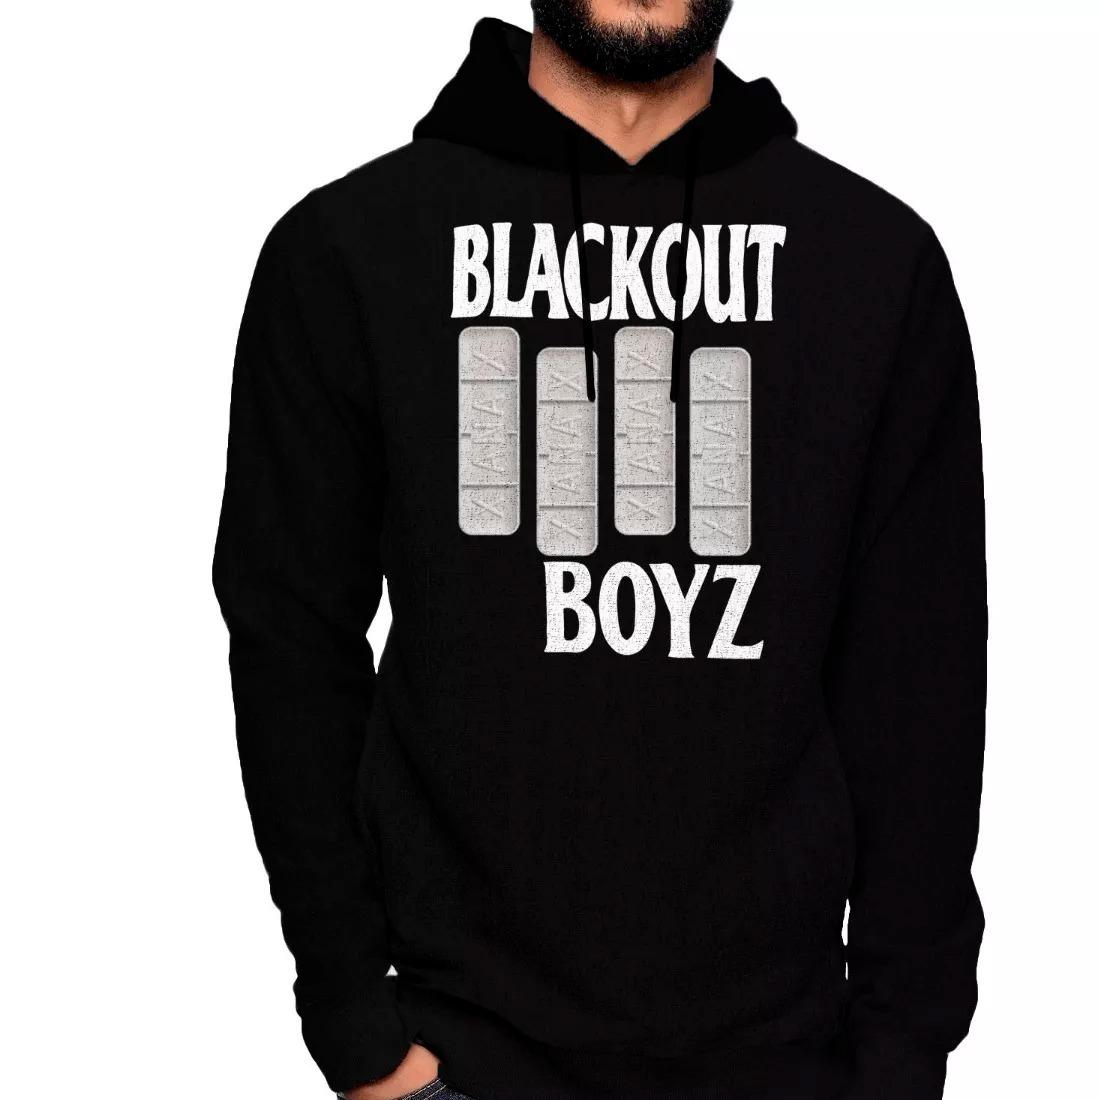 Blackout boyz